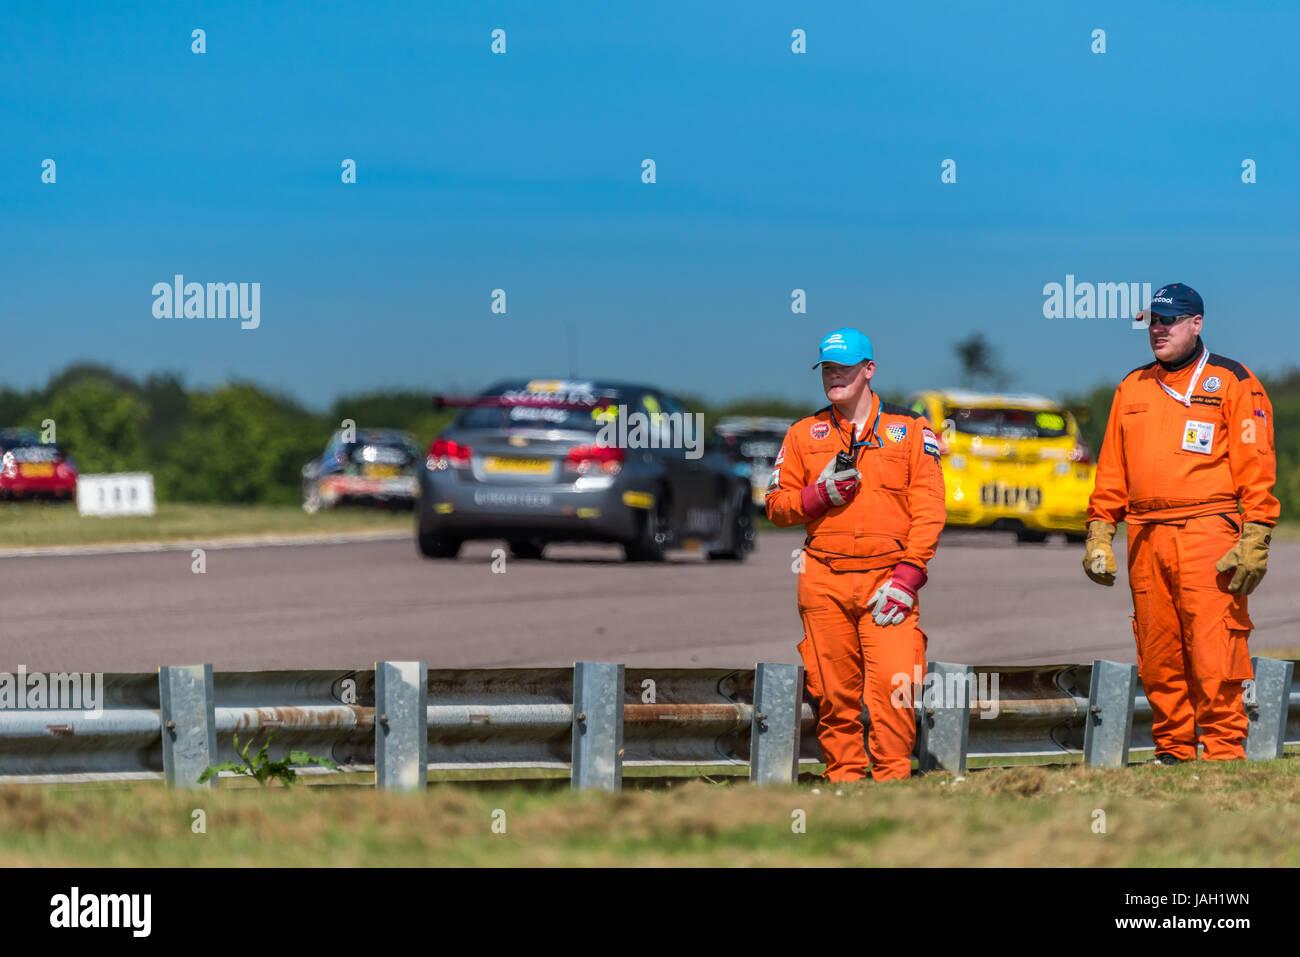 Ein Motorsport-Marschall auf seinem Posten bei der 2017 BTCC treffen in Thruxton stationiert. Stockbild